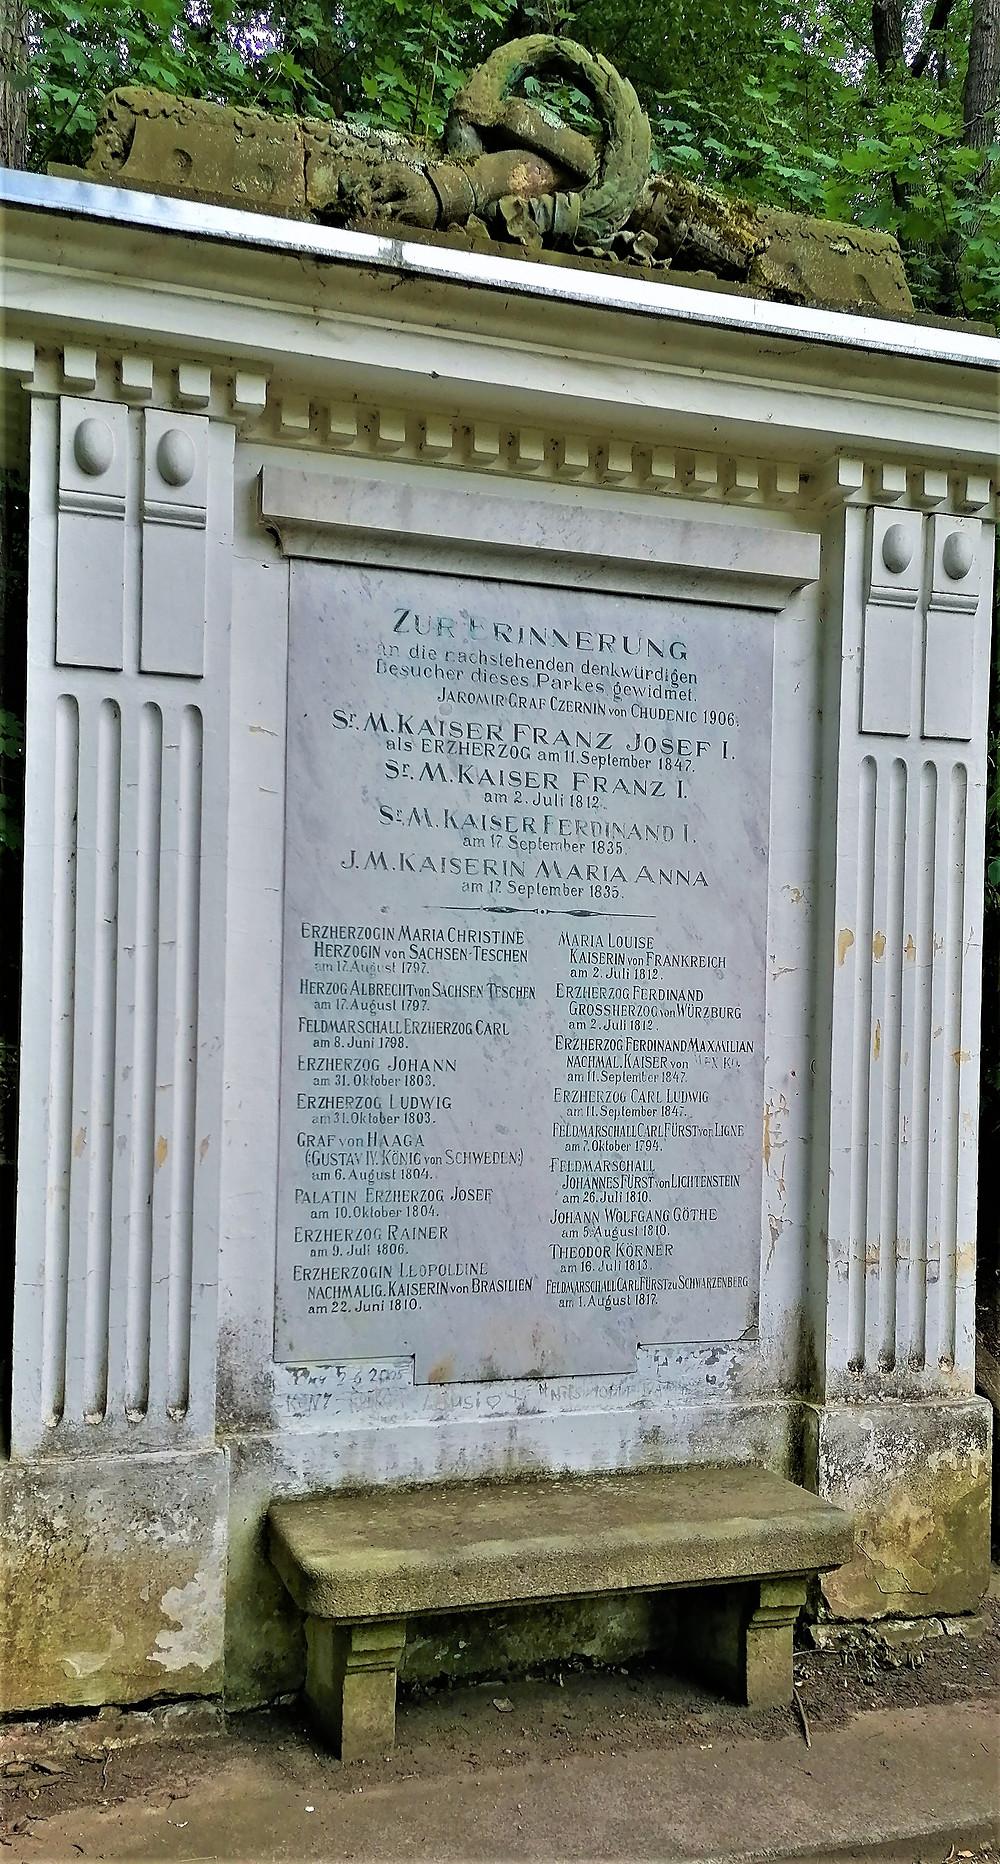 Černínové si v zámeckém parku nechali udělat památník slavných návštěvníků